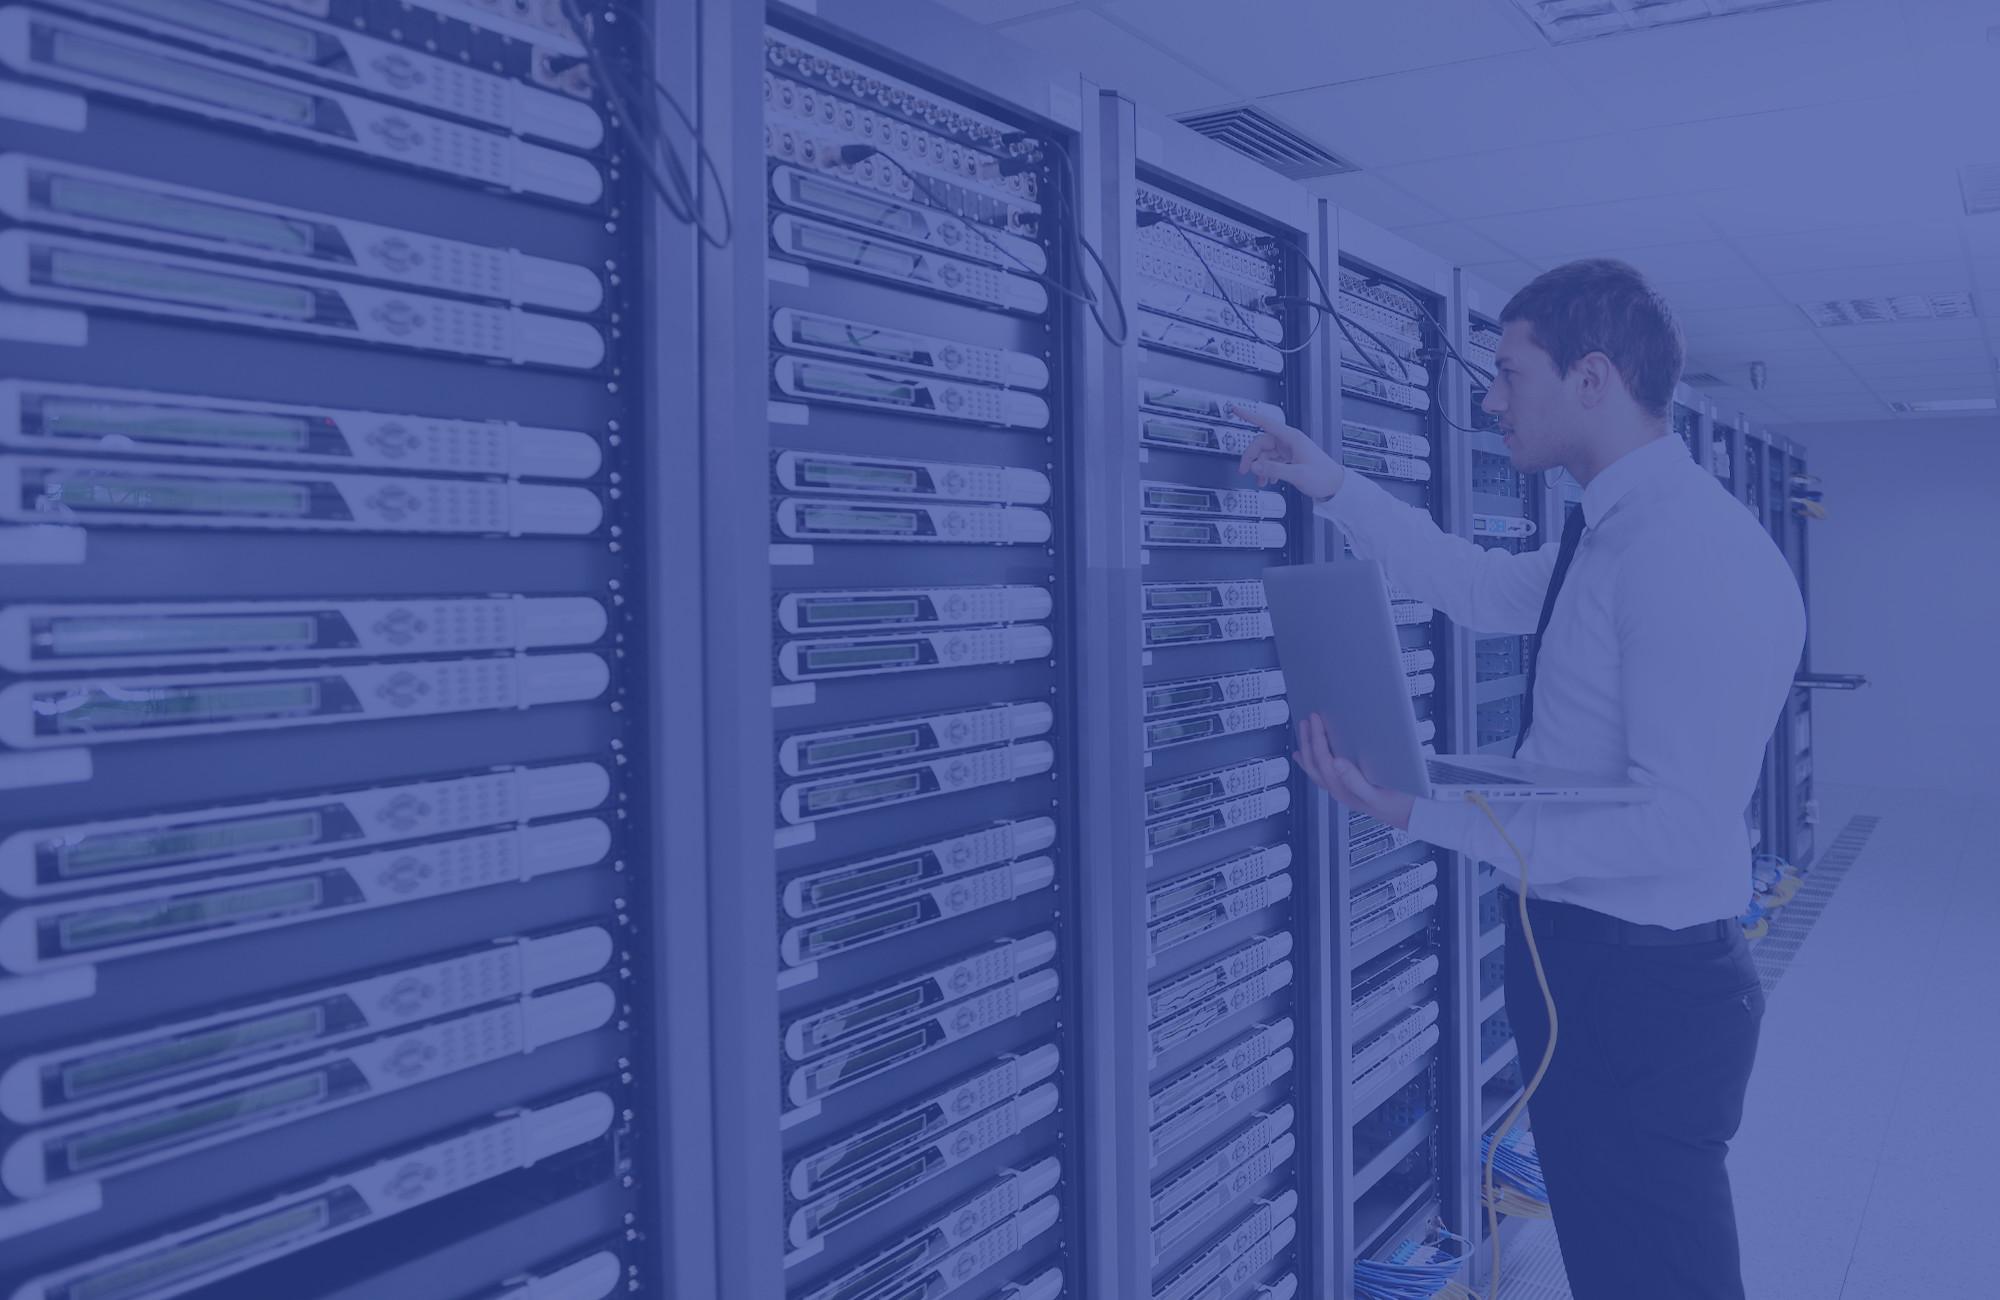 облачный сервер википедия